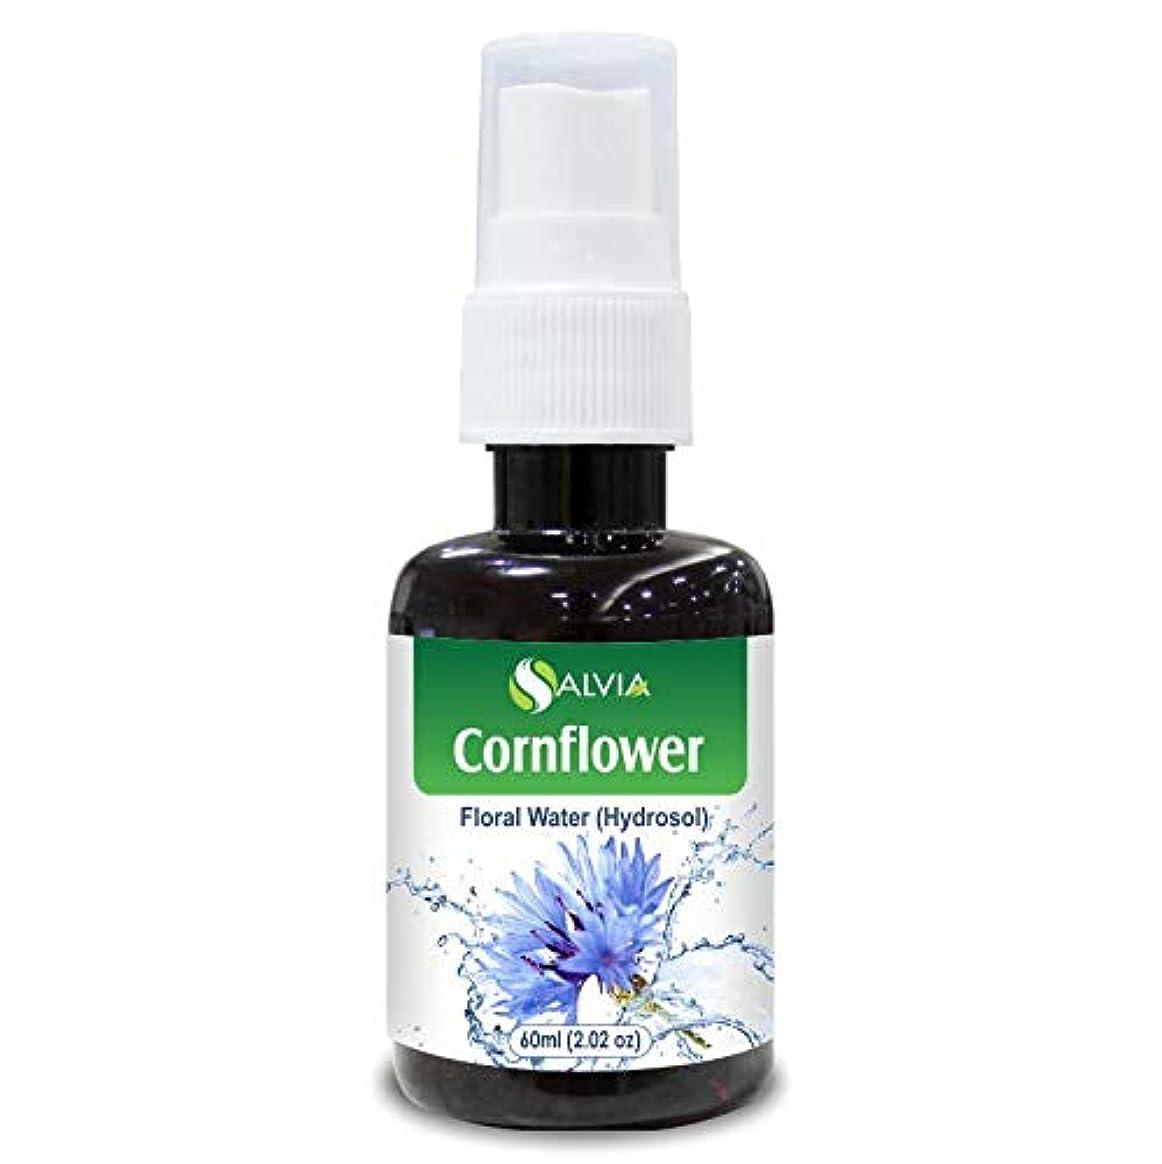 テナント野な仕出しますCornflower Floral Water 60ml (Hydrosol) 100% Pure And Natural